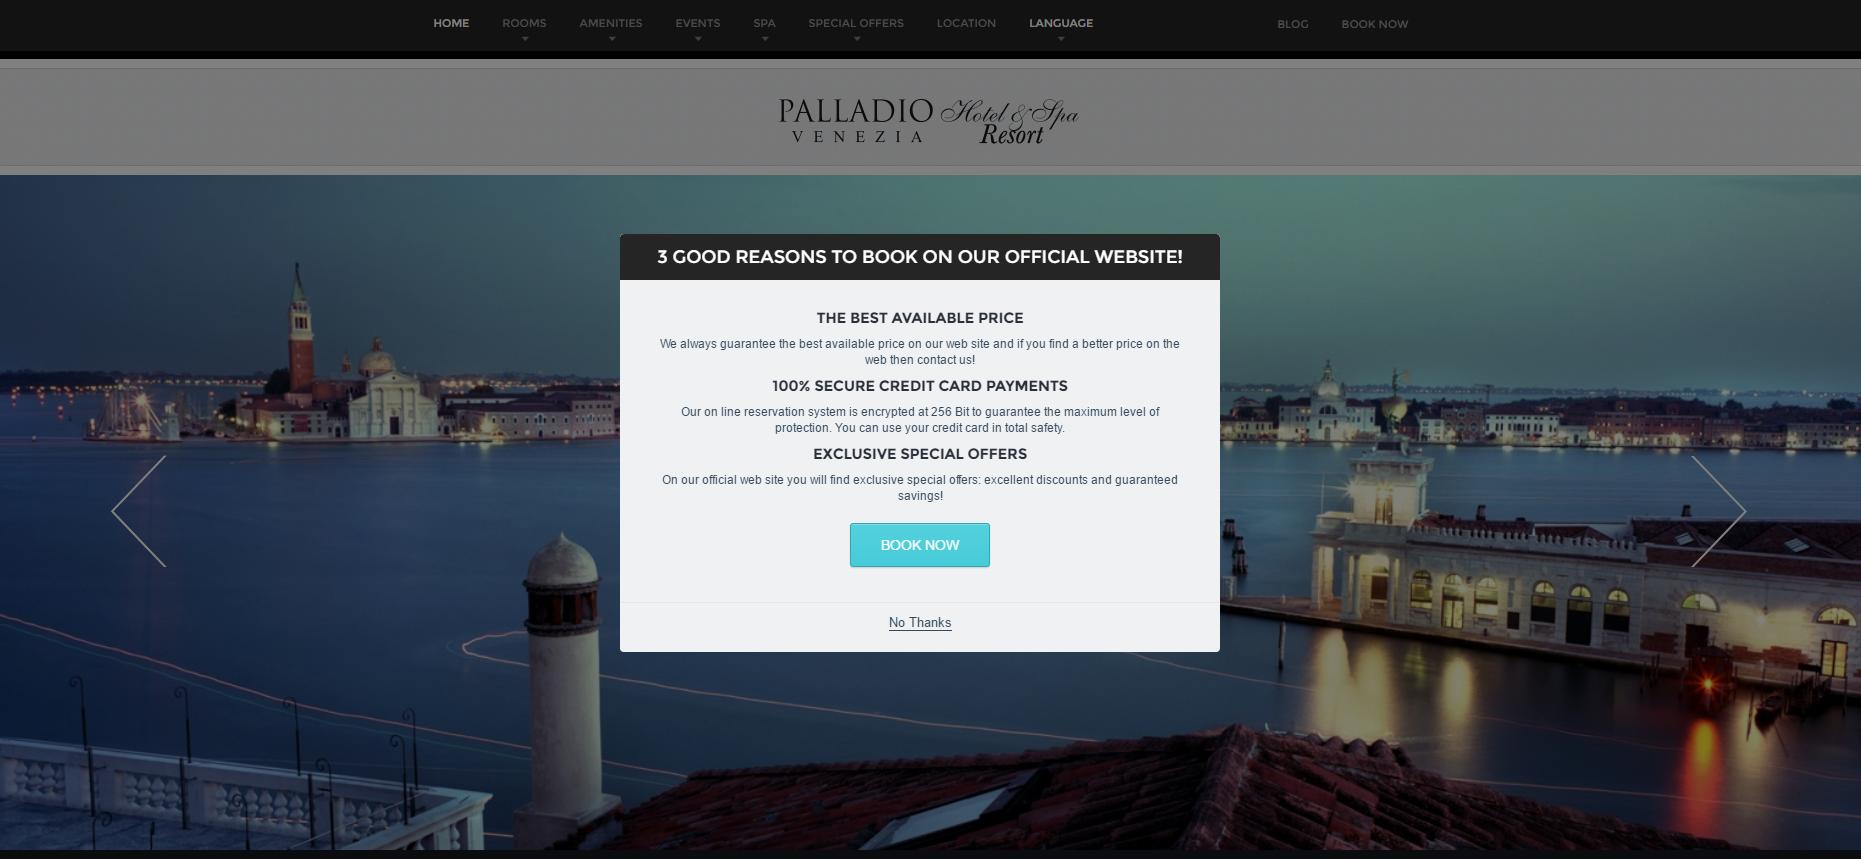 Εικόνα που δείχνει την ιστοσελίδα του ξενοδοχείου Palladio